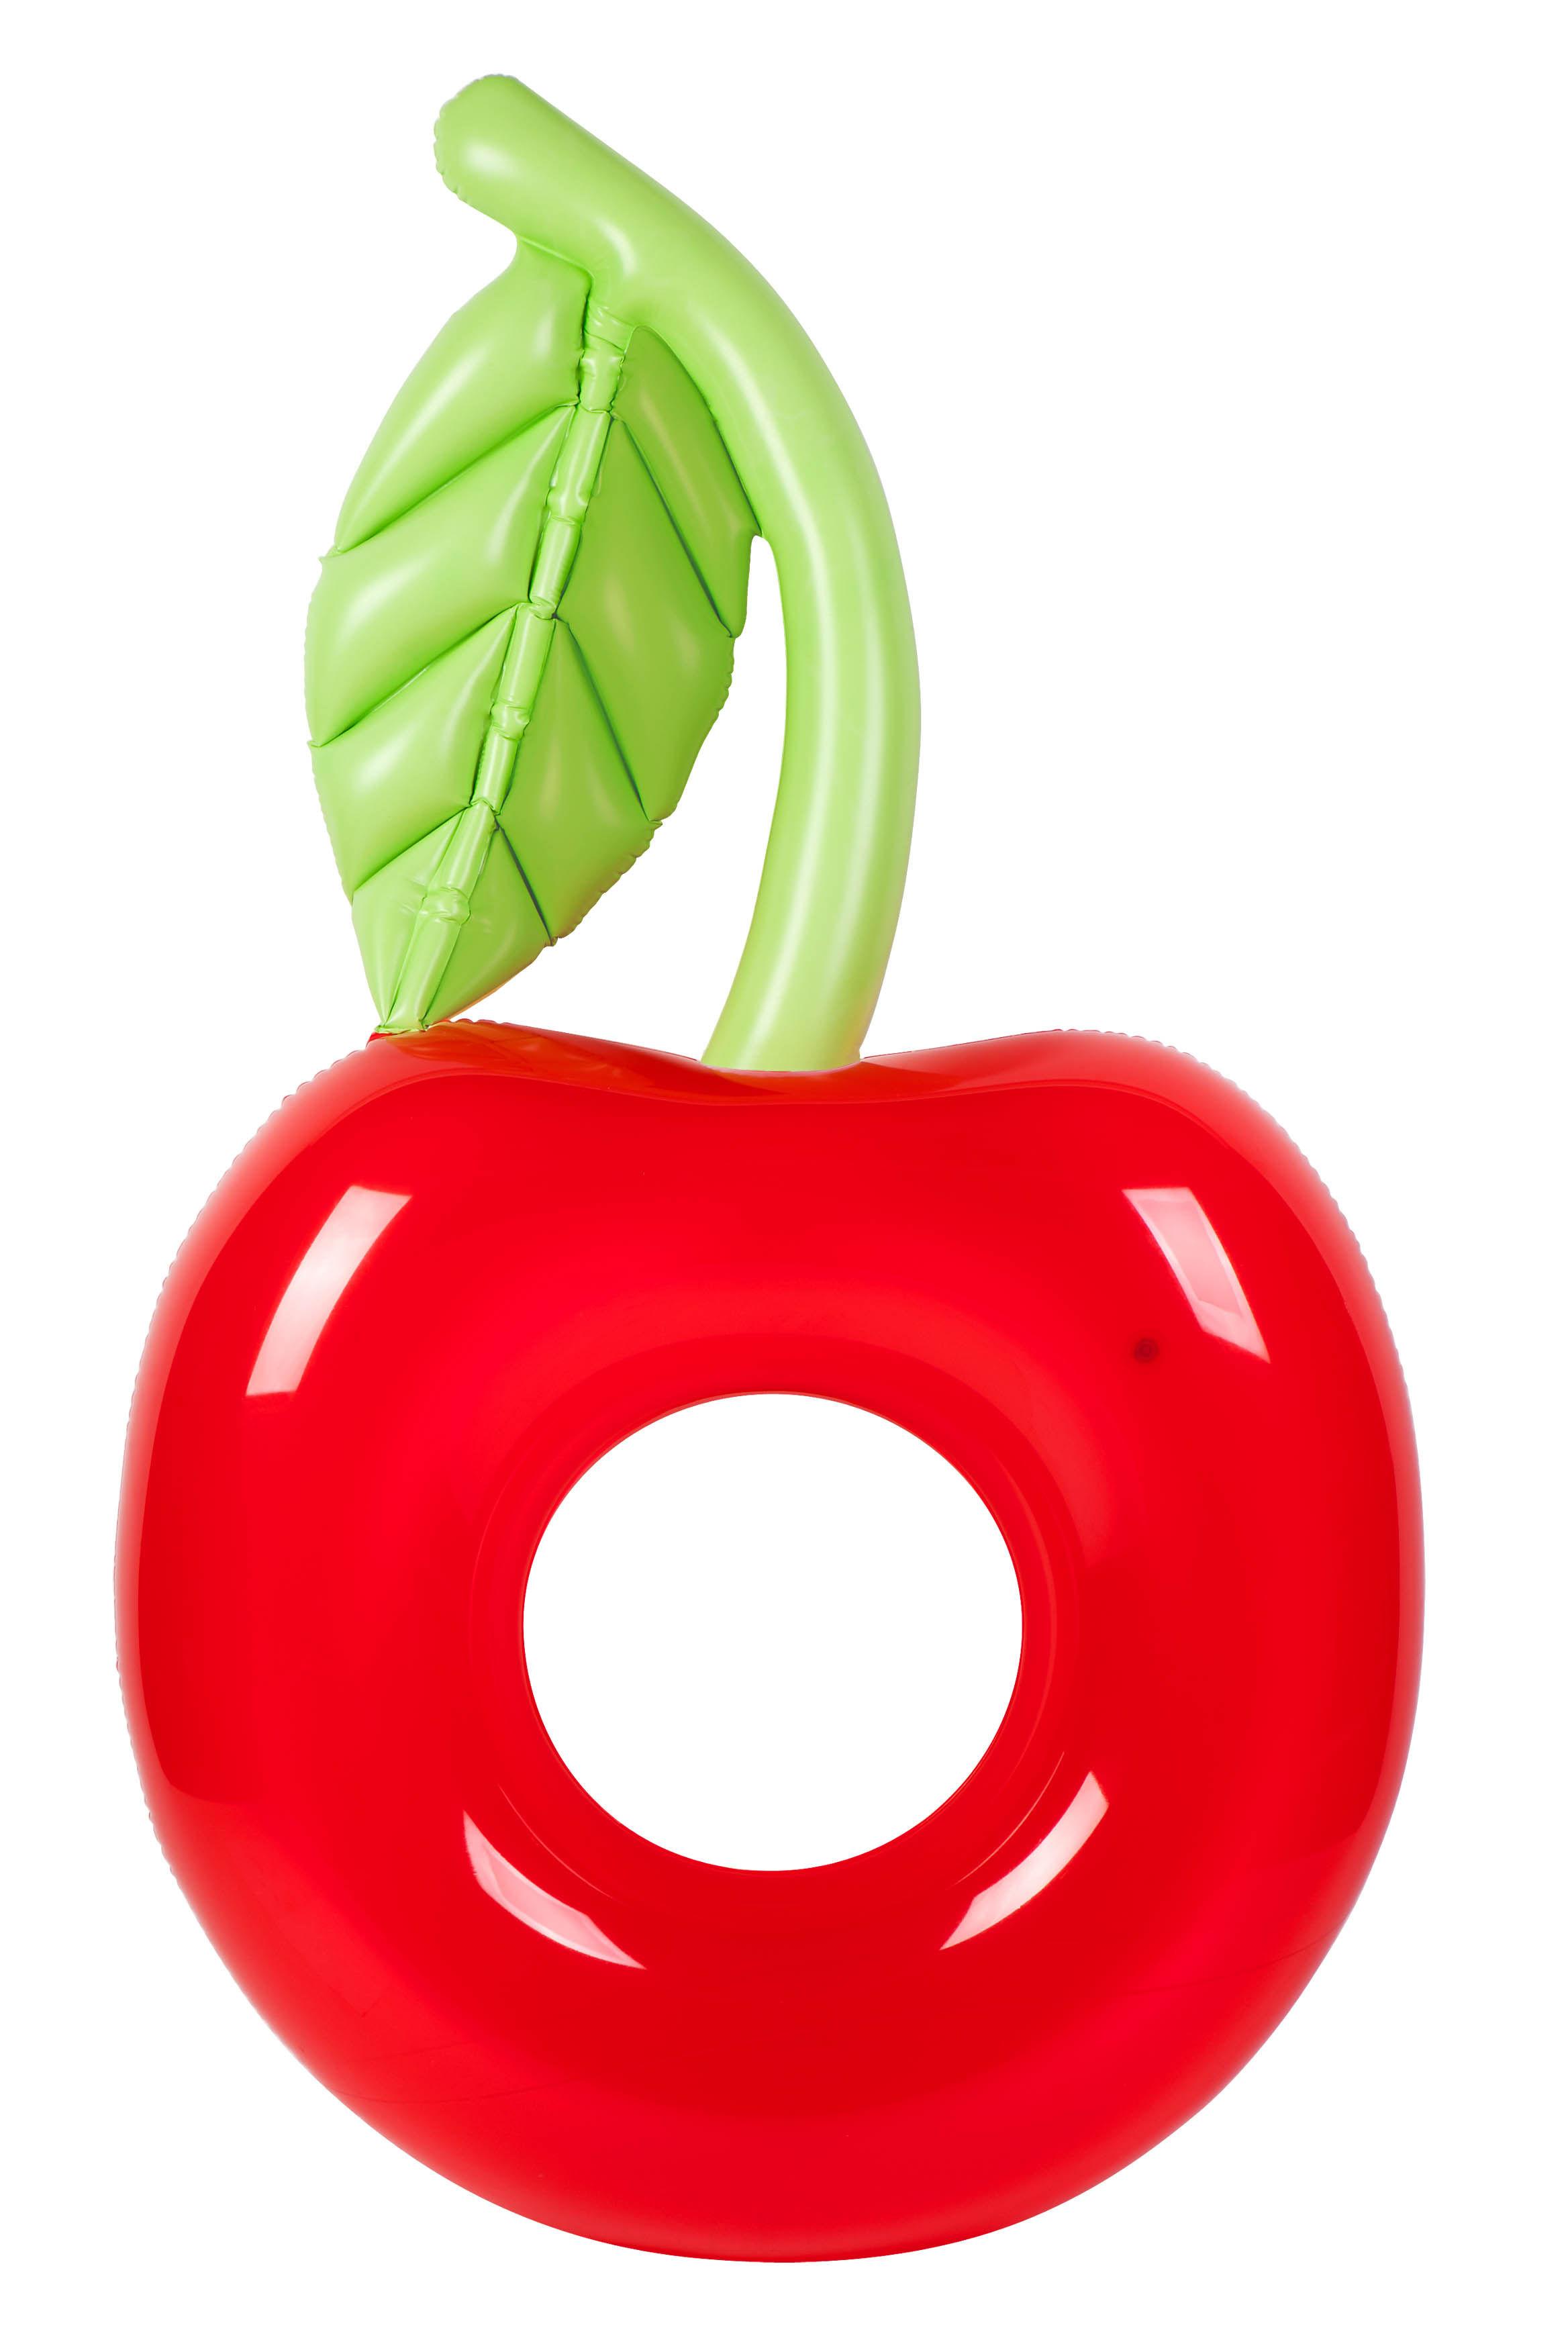 Déco - Pour les enfants - Bouée / Cerise - Ø 110 cm - Sunnylife - Cerise - PVC haute résistance